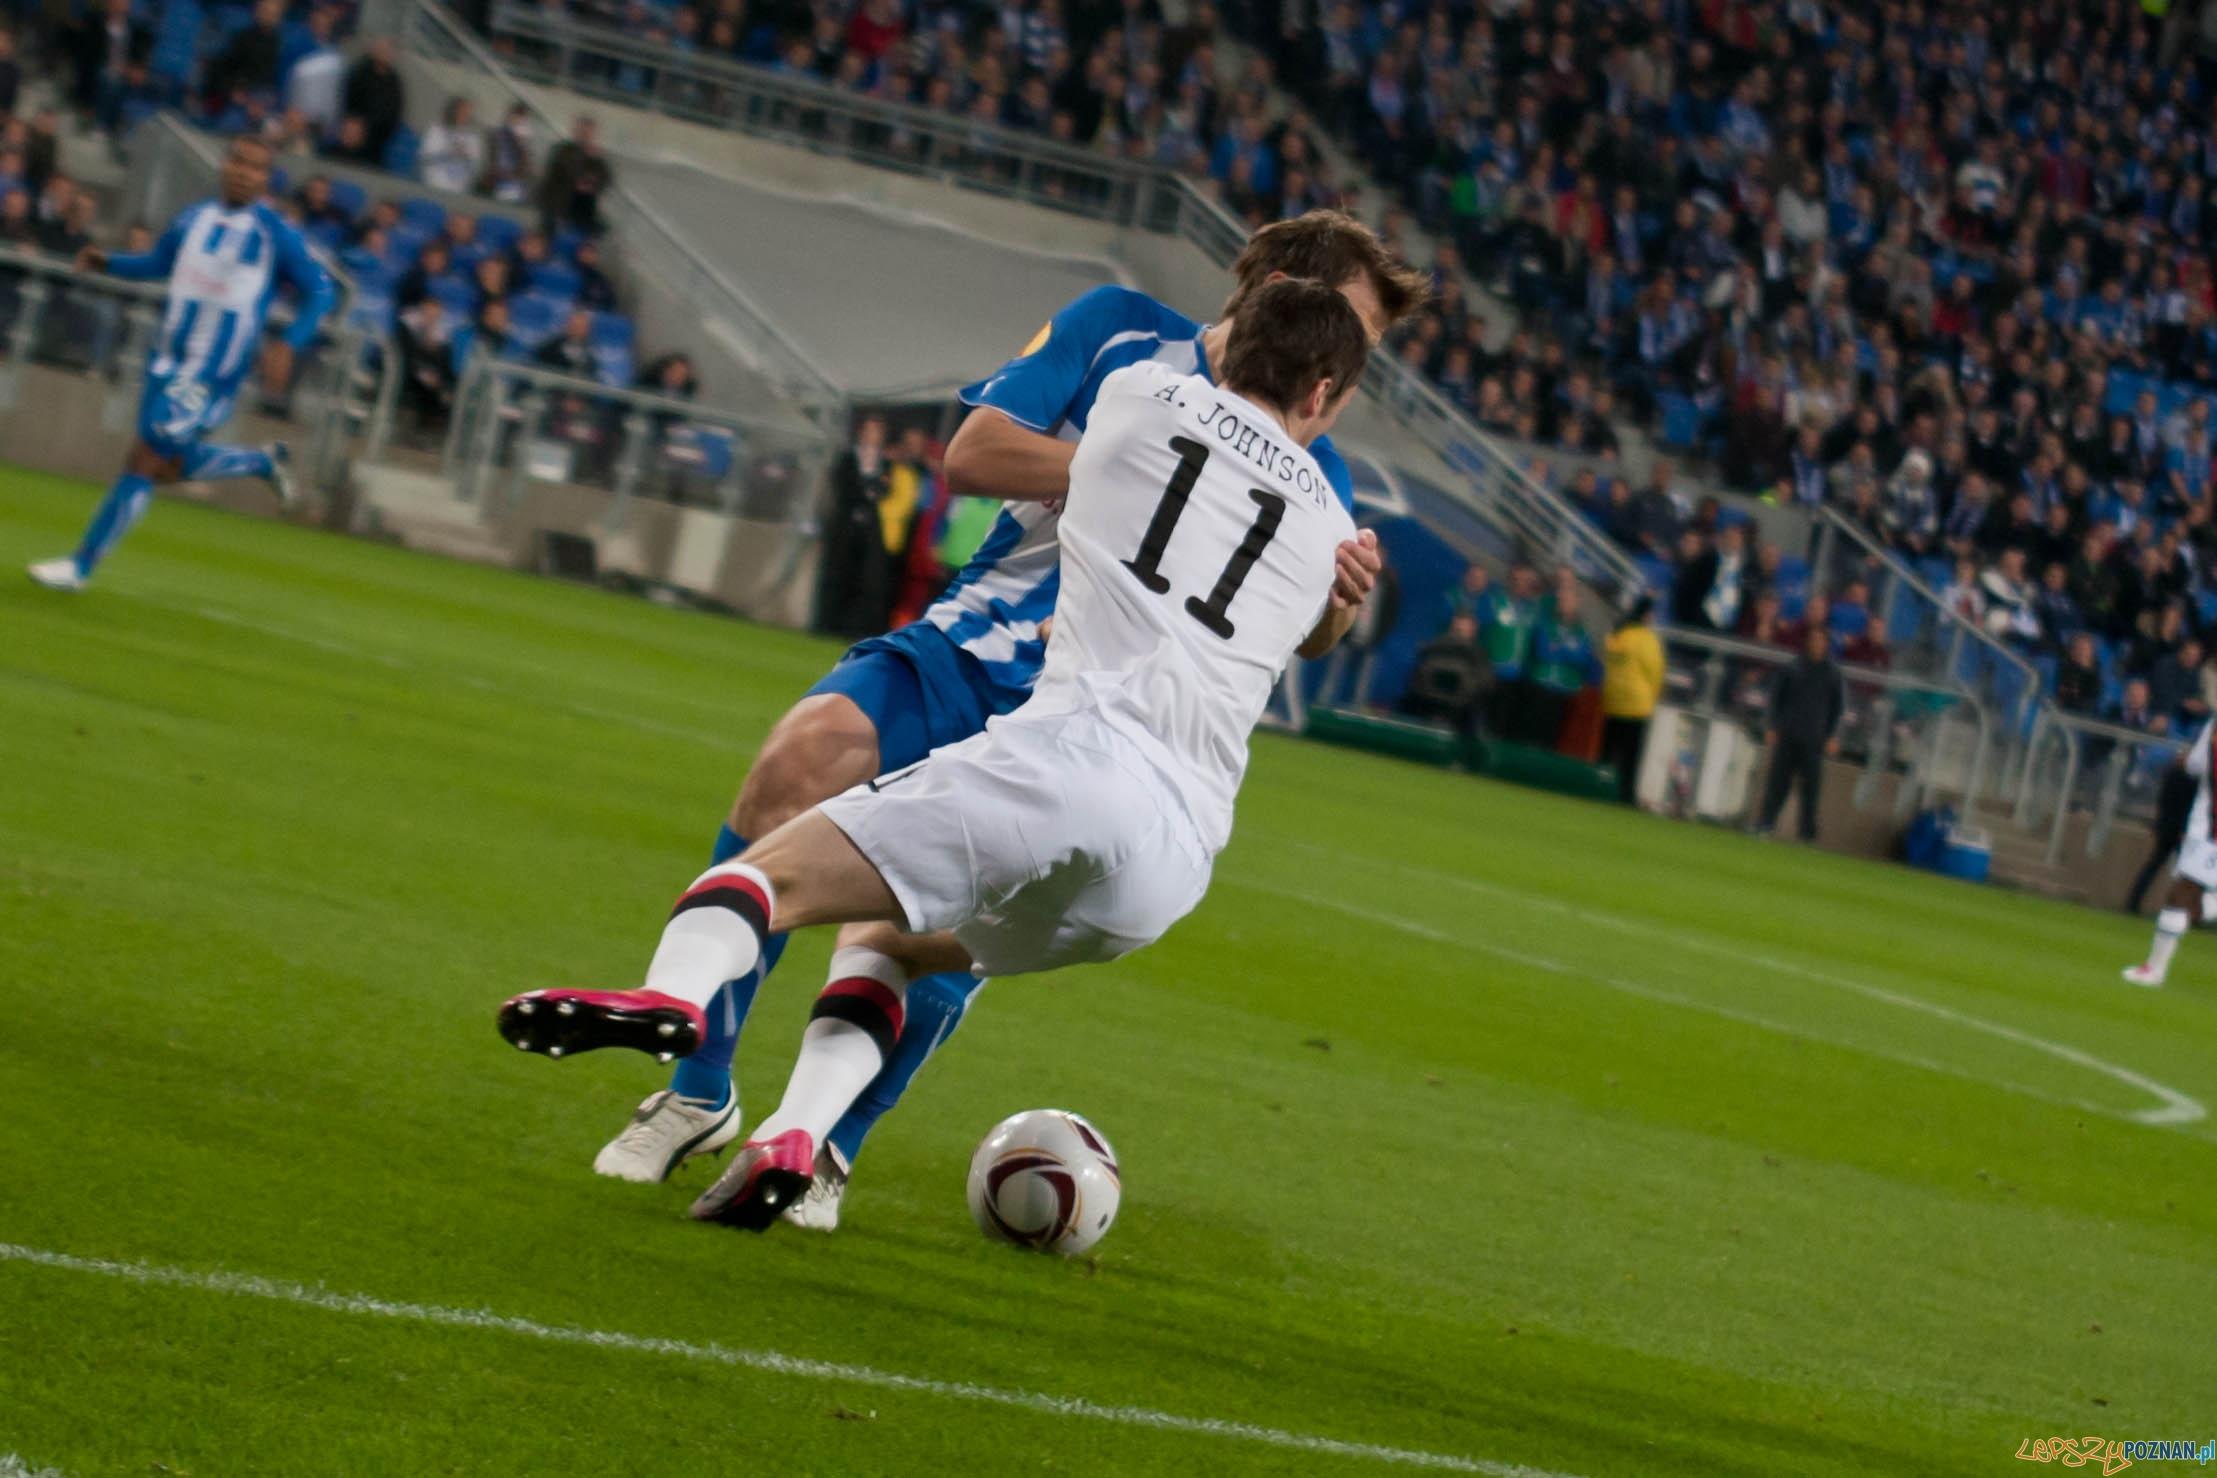 KKS Lech 3:1 Manchester City - Liga Europejska - Poznań 2010.11.04  Foto: Paweł Rychter